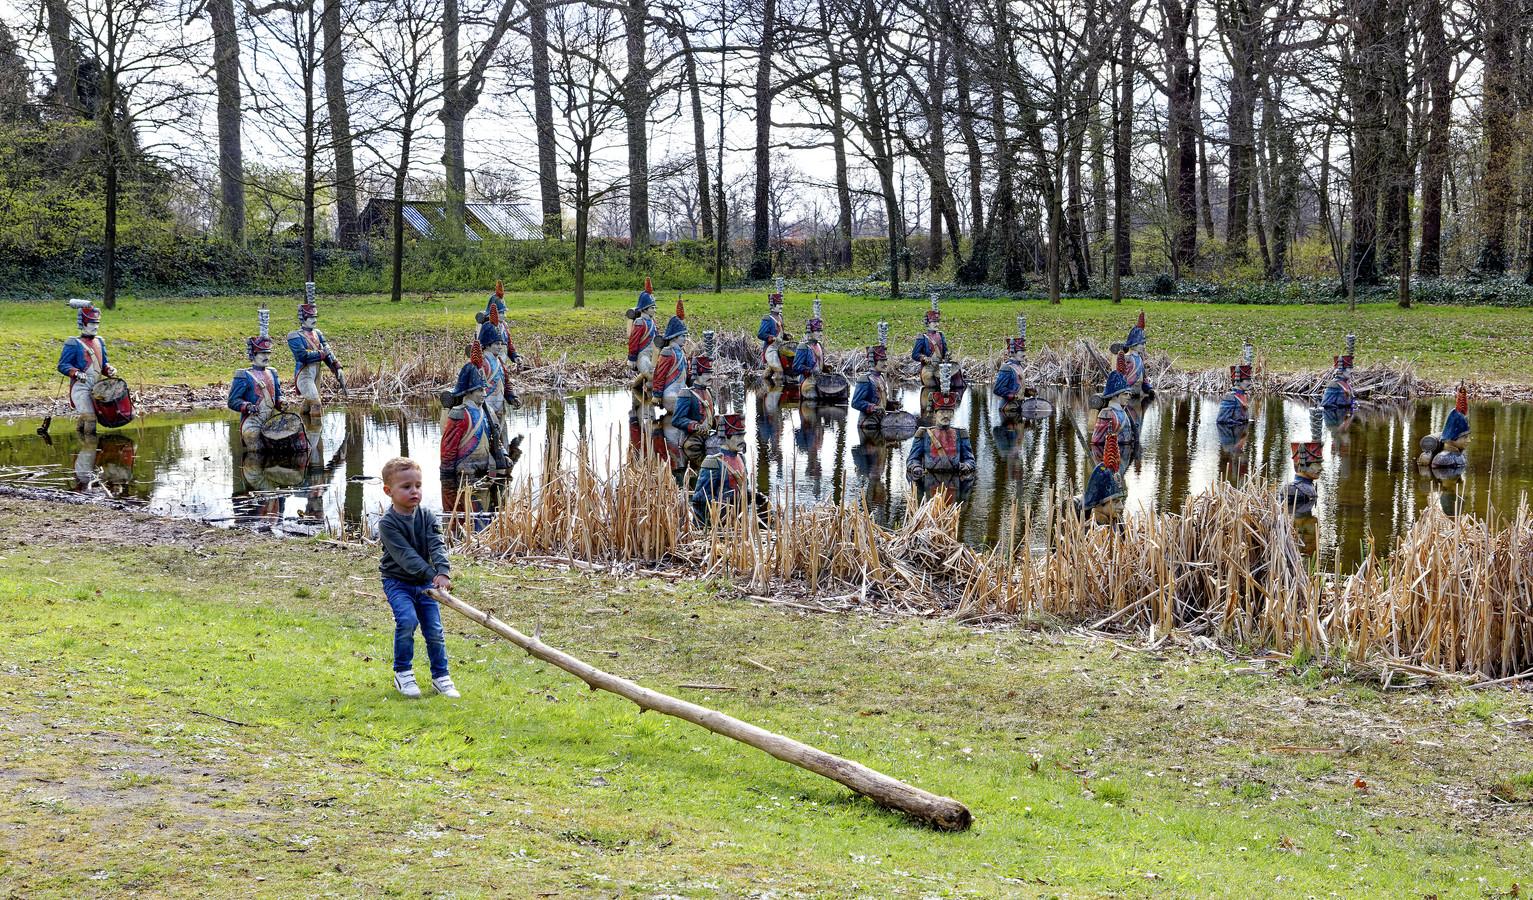 Een van de karakteristieke herinneringen aan het Land van Ooit, op landgoed Steenenburg in Drunen.